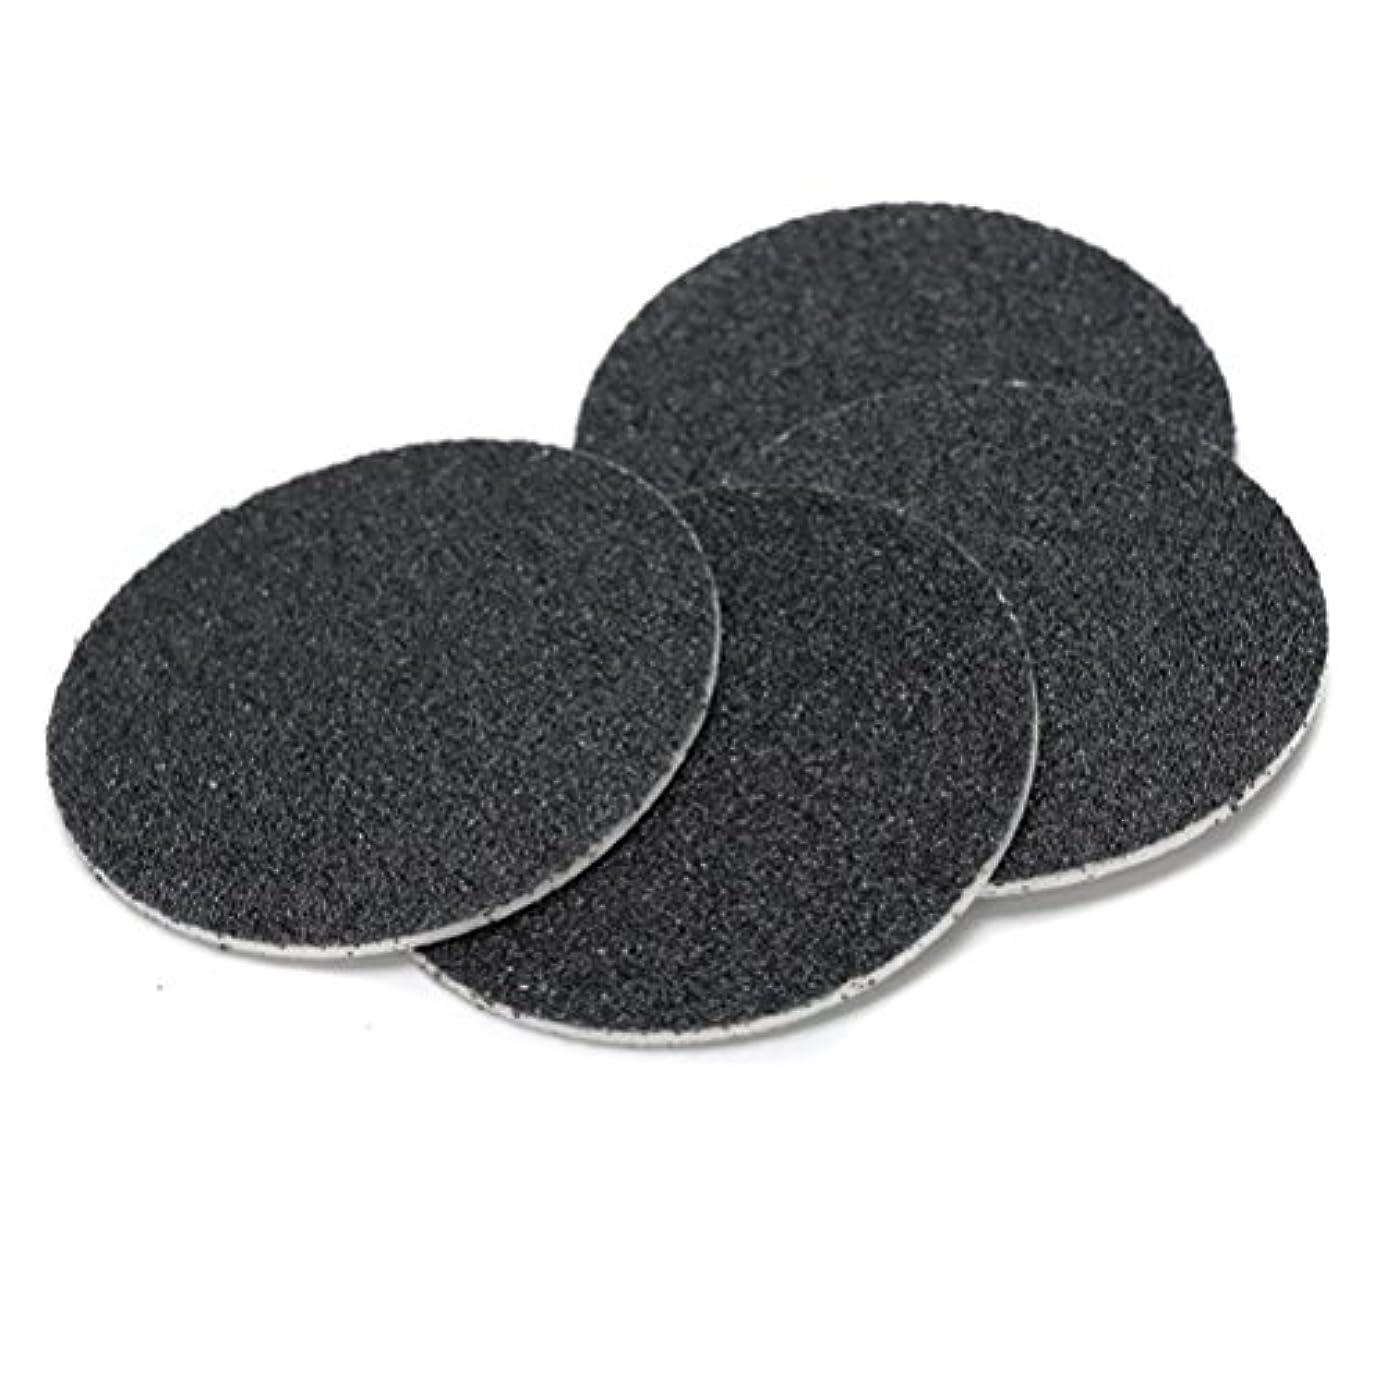 情熱カジュアル弁護士Joint Victory Pedicure Tools 1 Box (60pcs) Replacement Sandpaper Discs Pad for Electric Foot File Callus Remover...